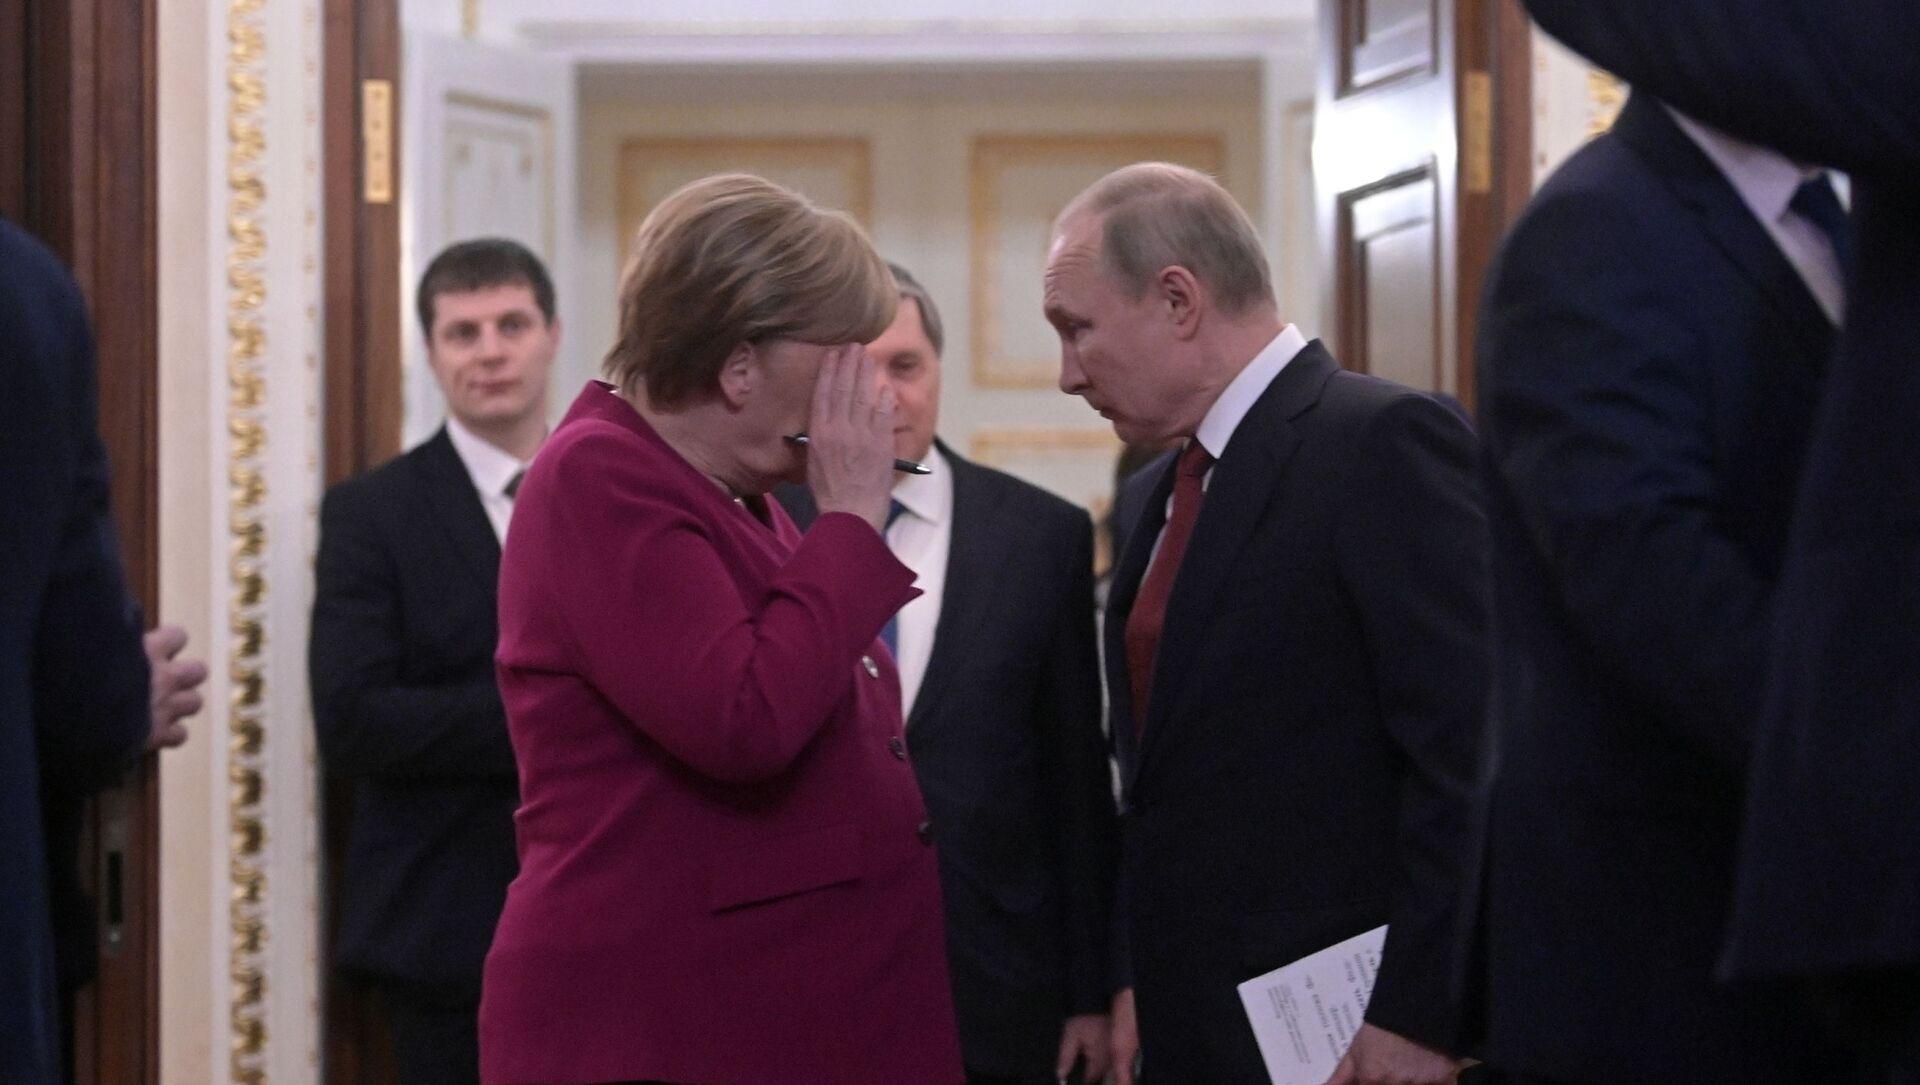 Ruski predsednik Vladimir Putin i nemačka kancelarka Angela Merkel - Sputnik Srbija, 1920, 22.06.2021